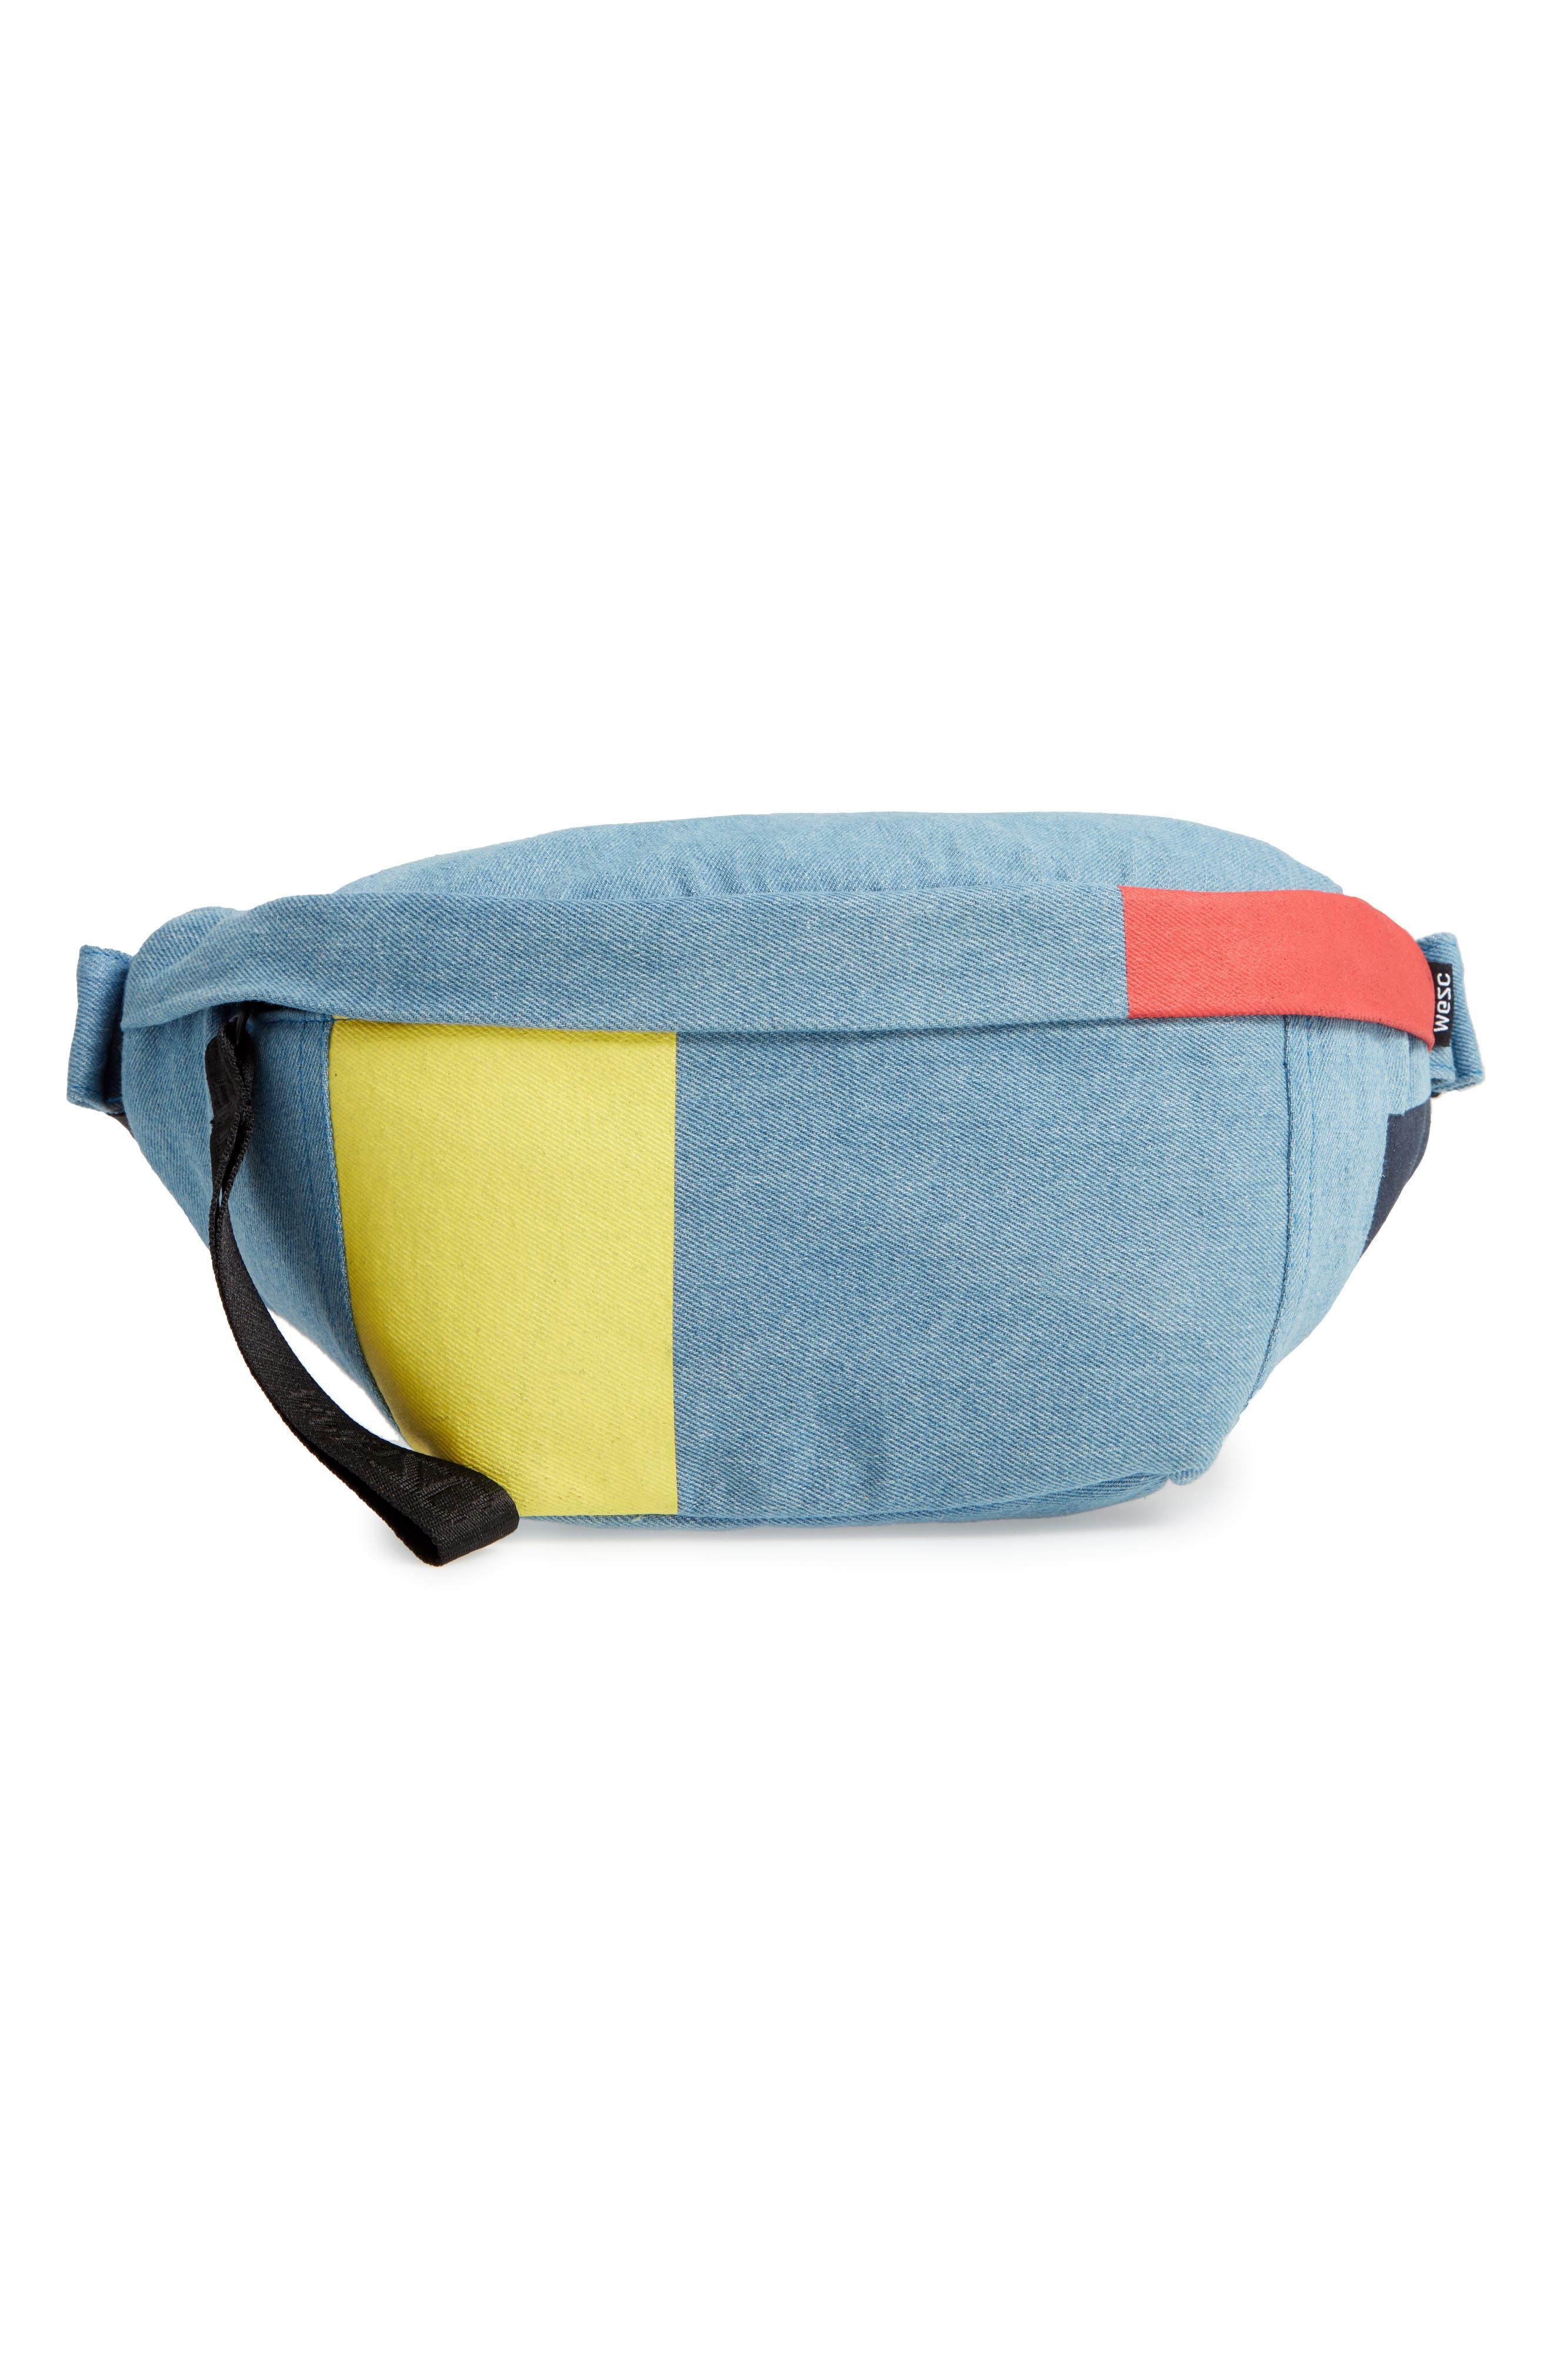 WESC Usher Colorblock Denim Belt Bag, Main, color, CERULEAN BLUE